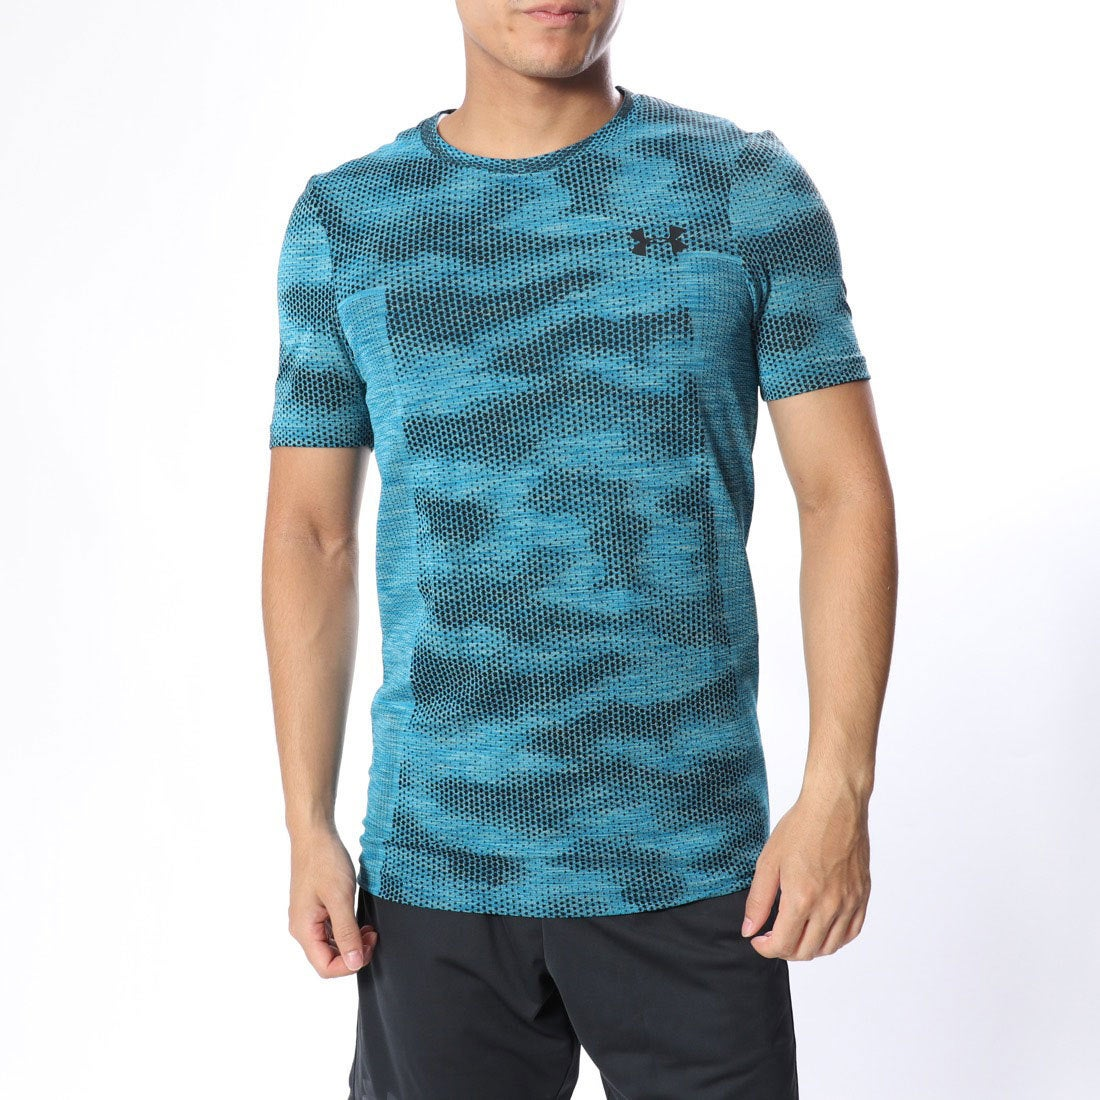 アンダーアーマー UNDER ARMOUR メンズ 半袖機能Tシャツ UA Siphon SS Camo Novelty 1325623 メンズ